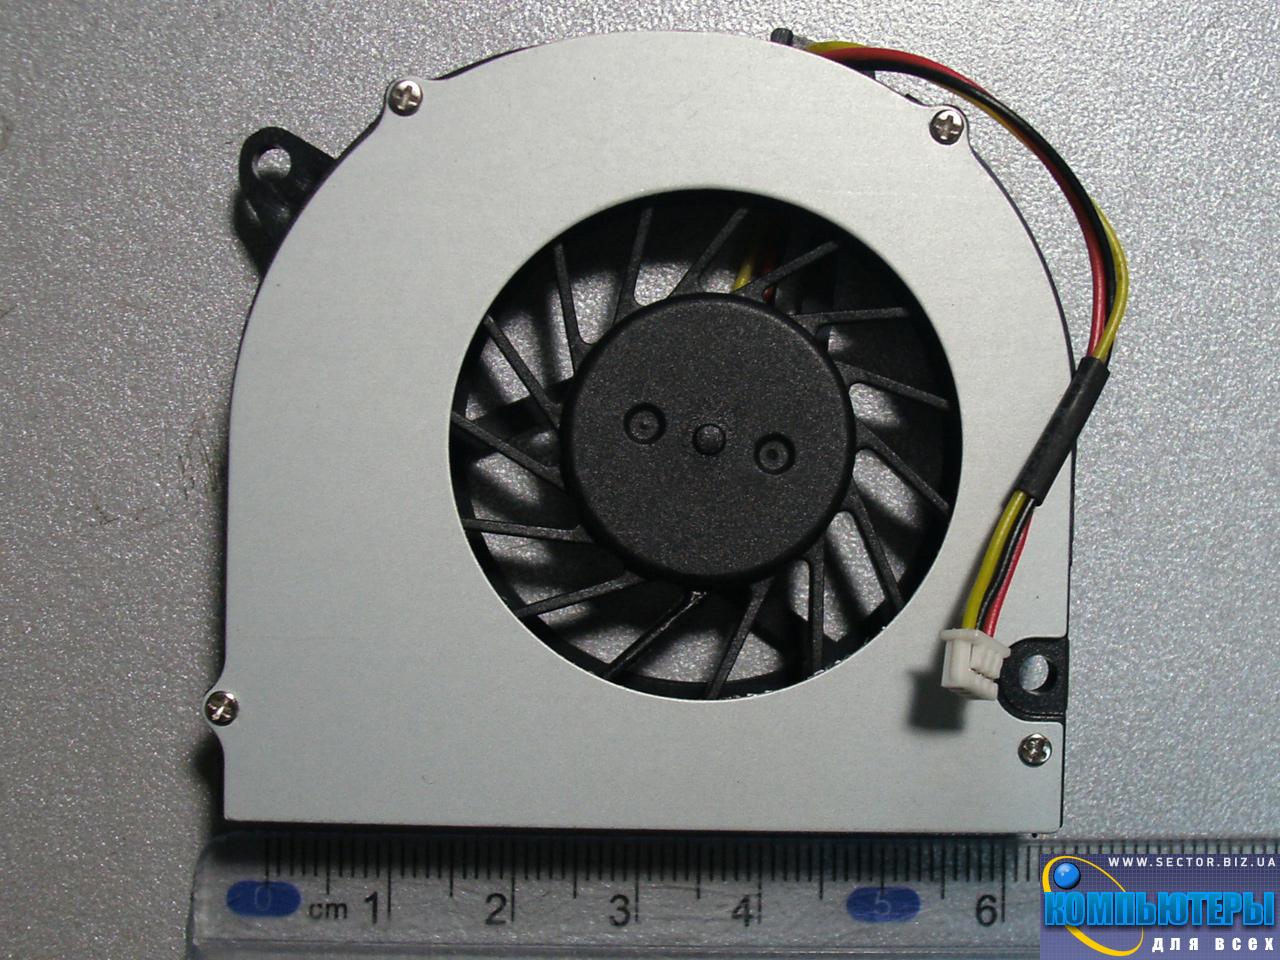 Кулер к ноутбуку HP Compaq 540 541 6510b 6515b 6520s 6530b 6710b 6710s 6715s 6715b p/n: DFB451005M20T. Фото № 2.